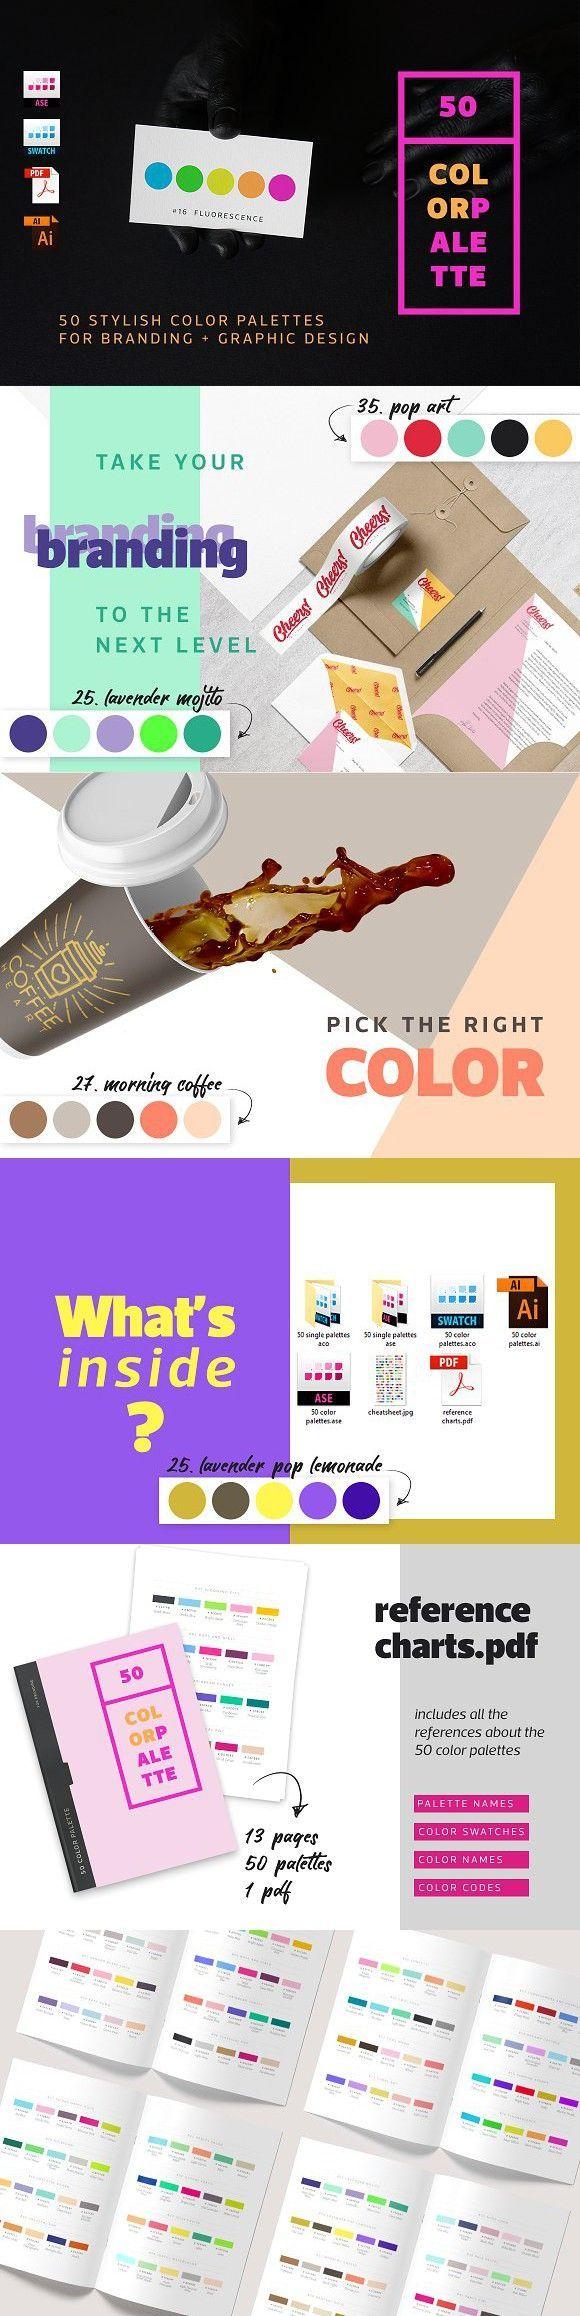 50 Color Palettes For Branding. Palettes 50 Color Palettes For Branding. Palettes -  -